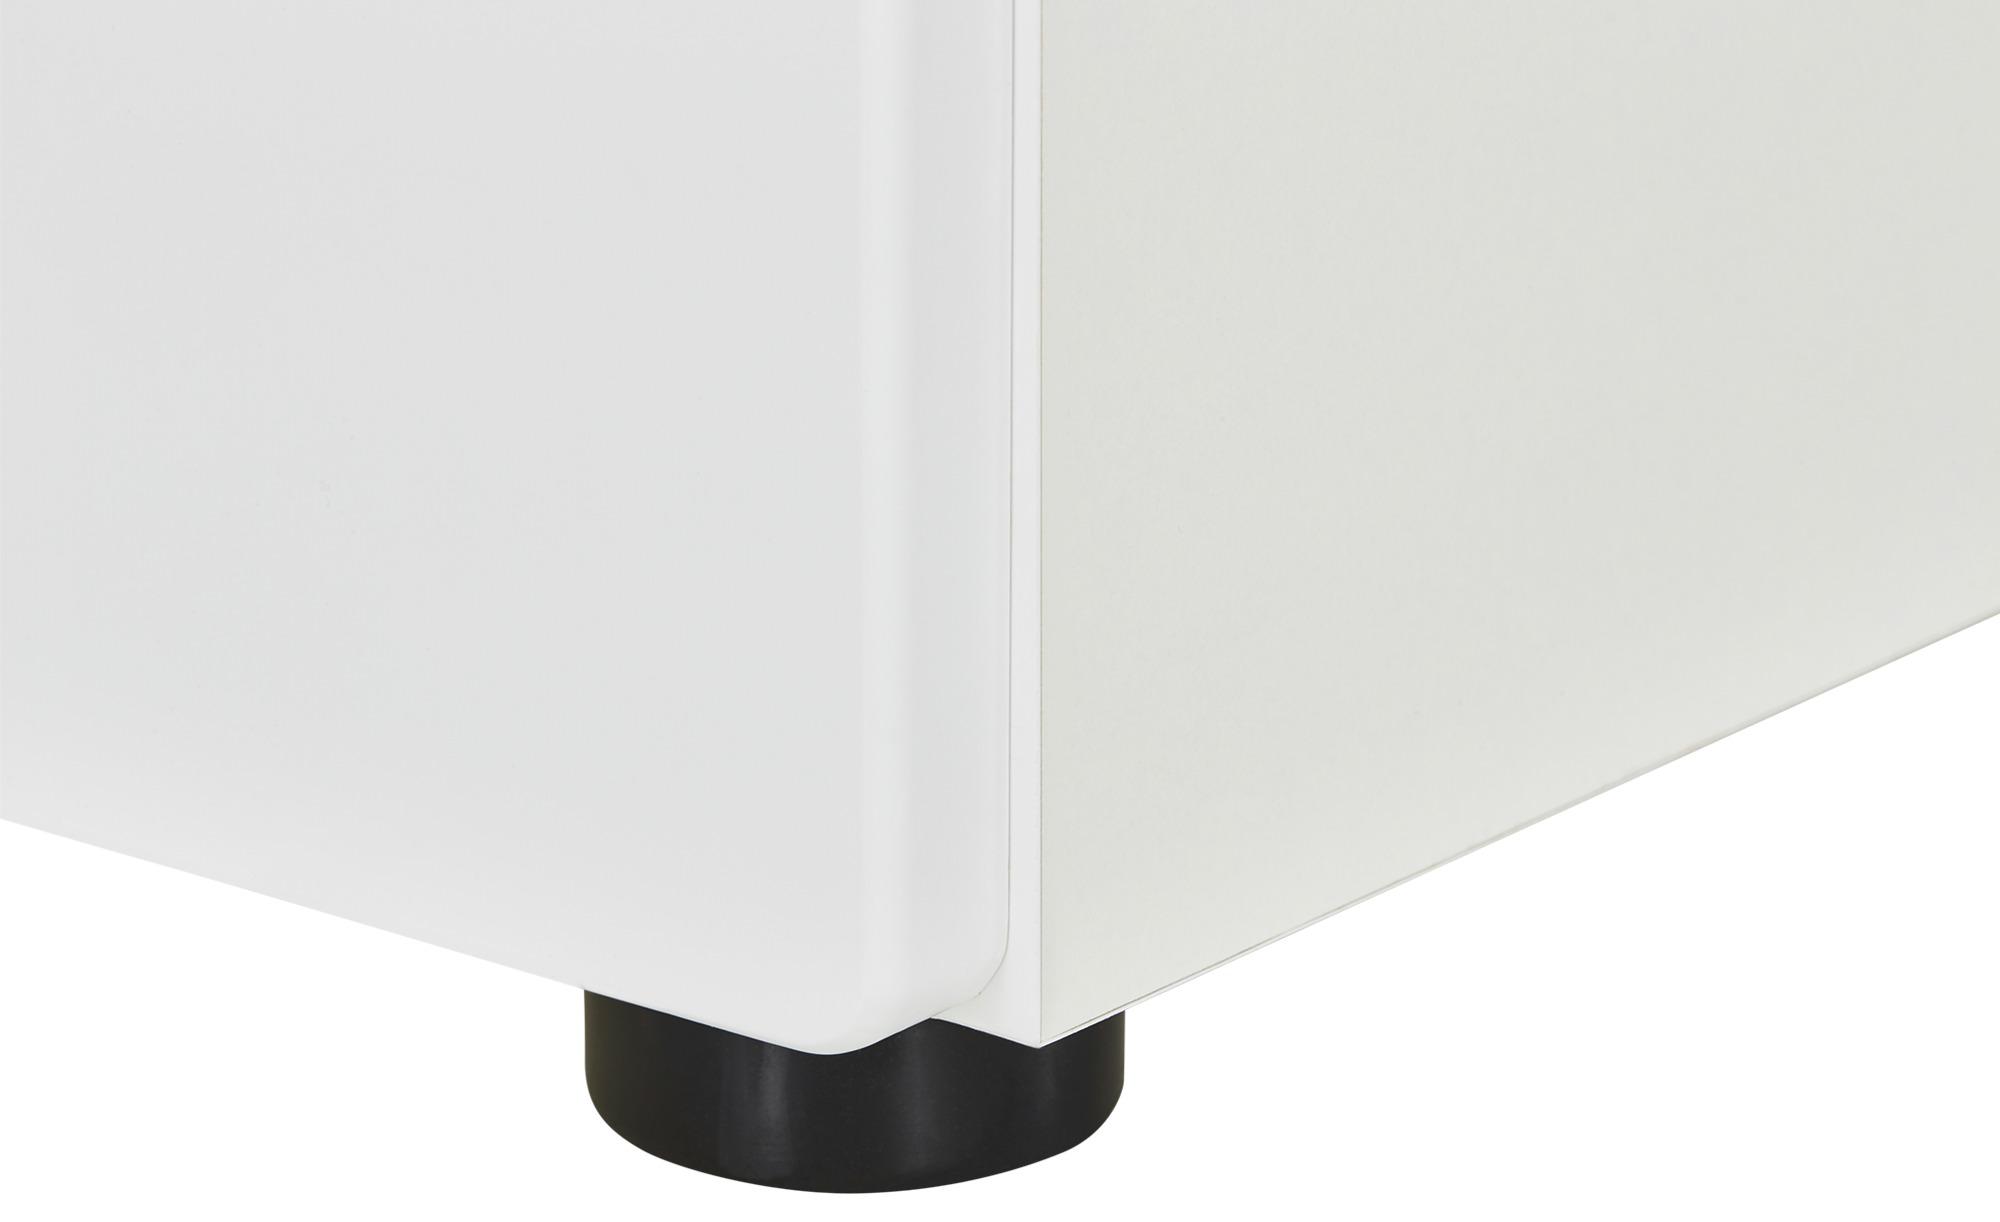 20 Cm - Bei Möbel Kraft Online Kaufen